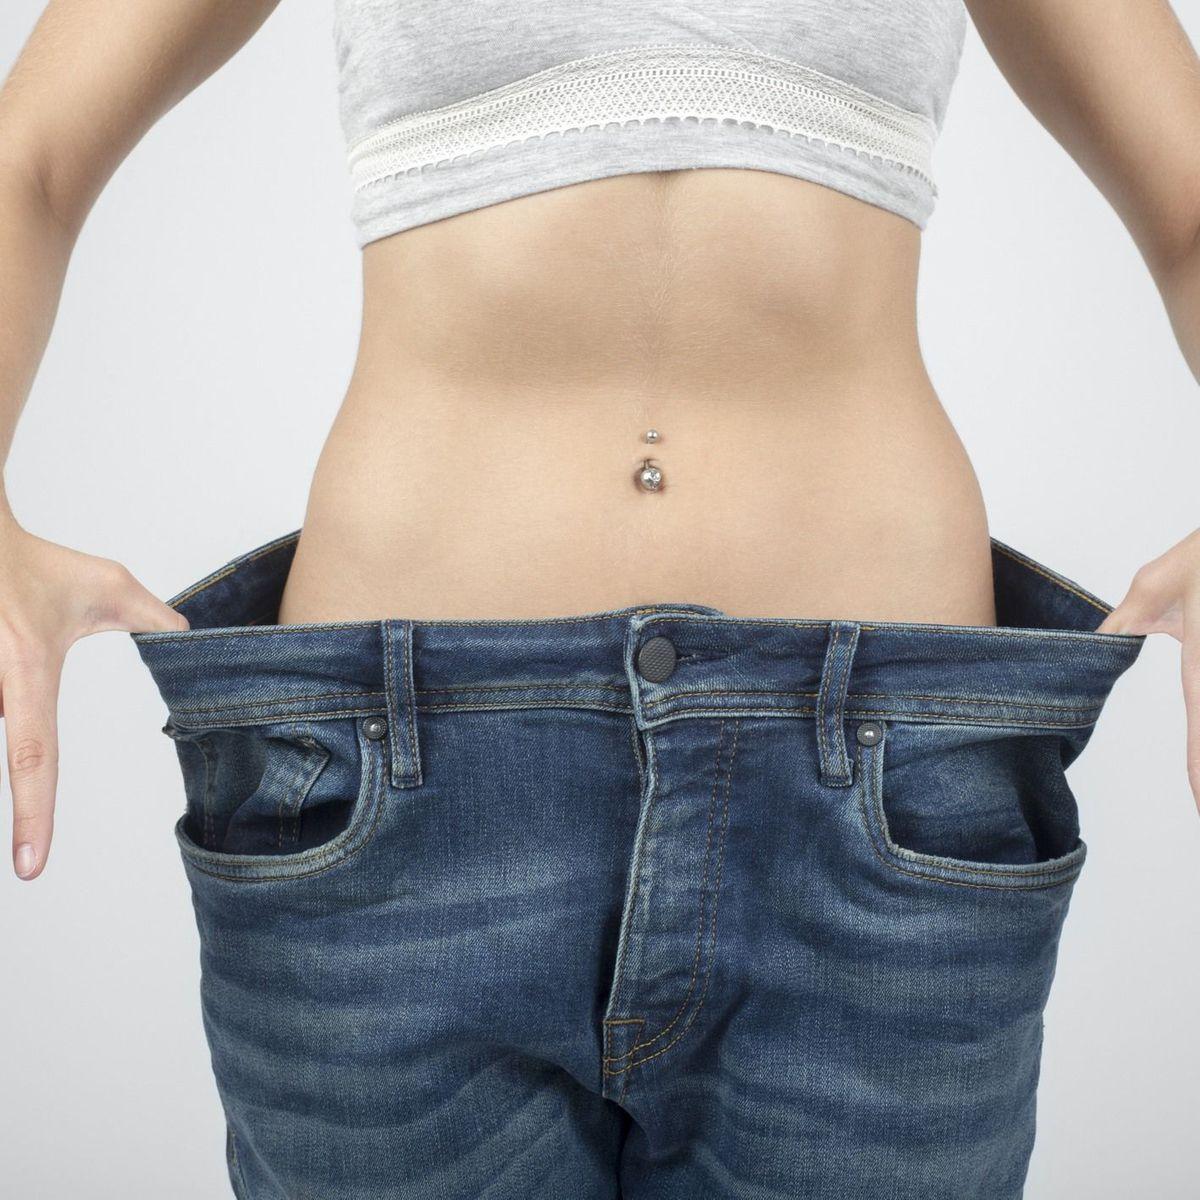 comment perdre rapidement de la graisse de chiot pouces livres perte de poids